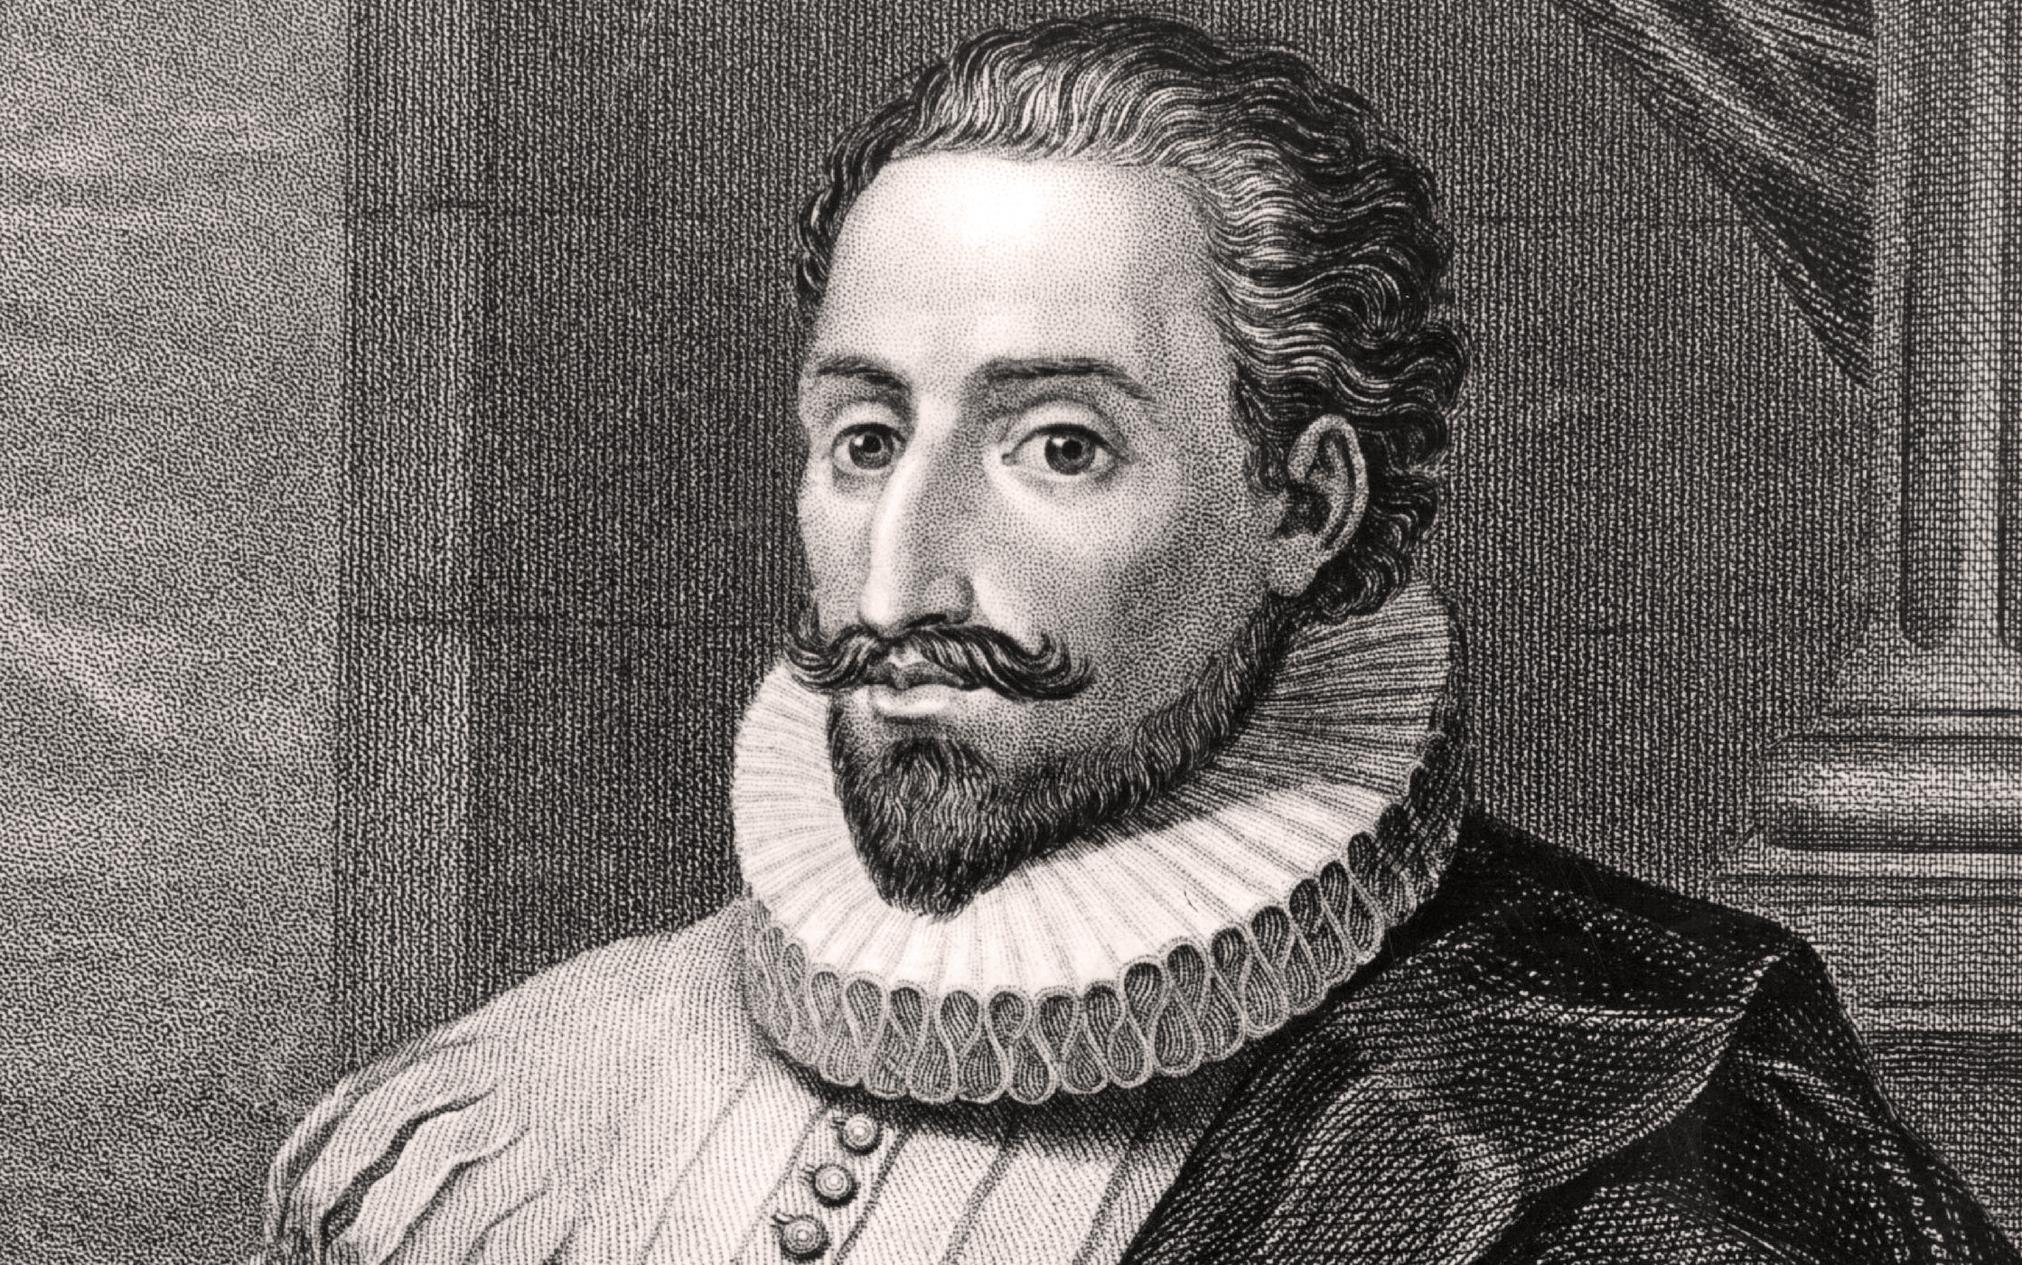 Portrait de Miguel de Cervantes Saavedra, 1547-1616. L'écrivain espagnol, auteur de Don Quichotte de la Manche.